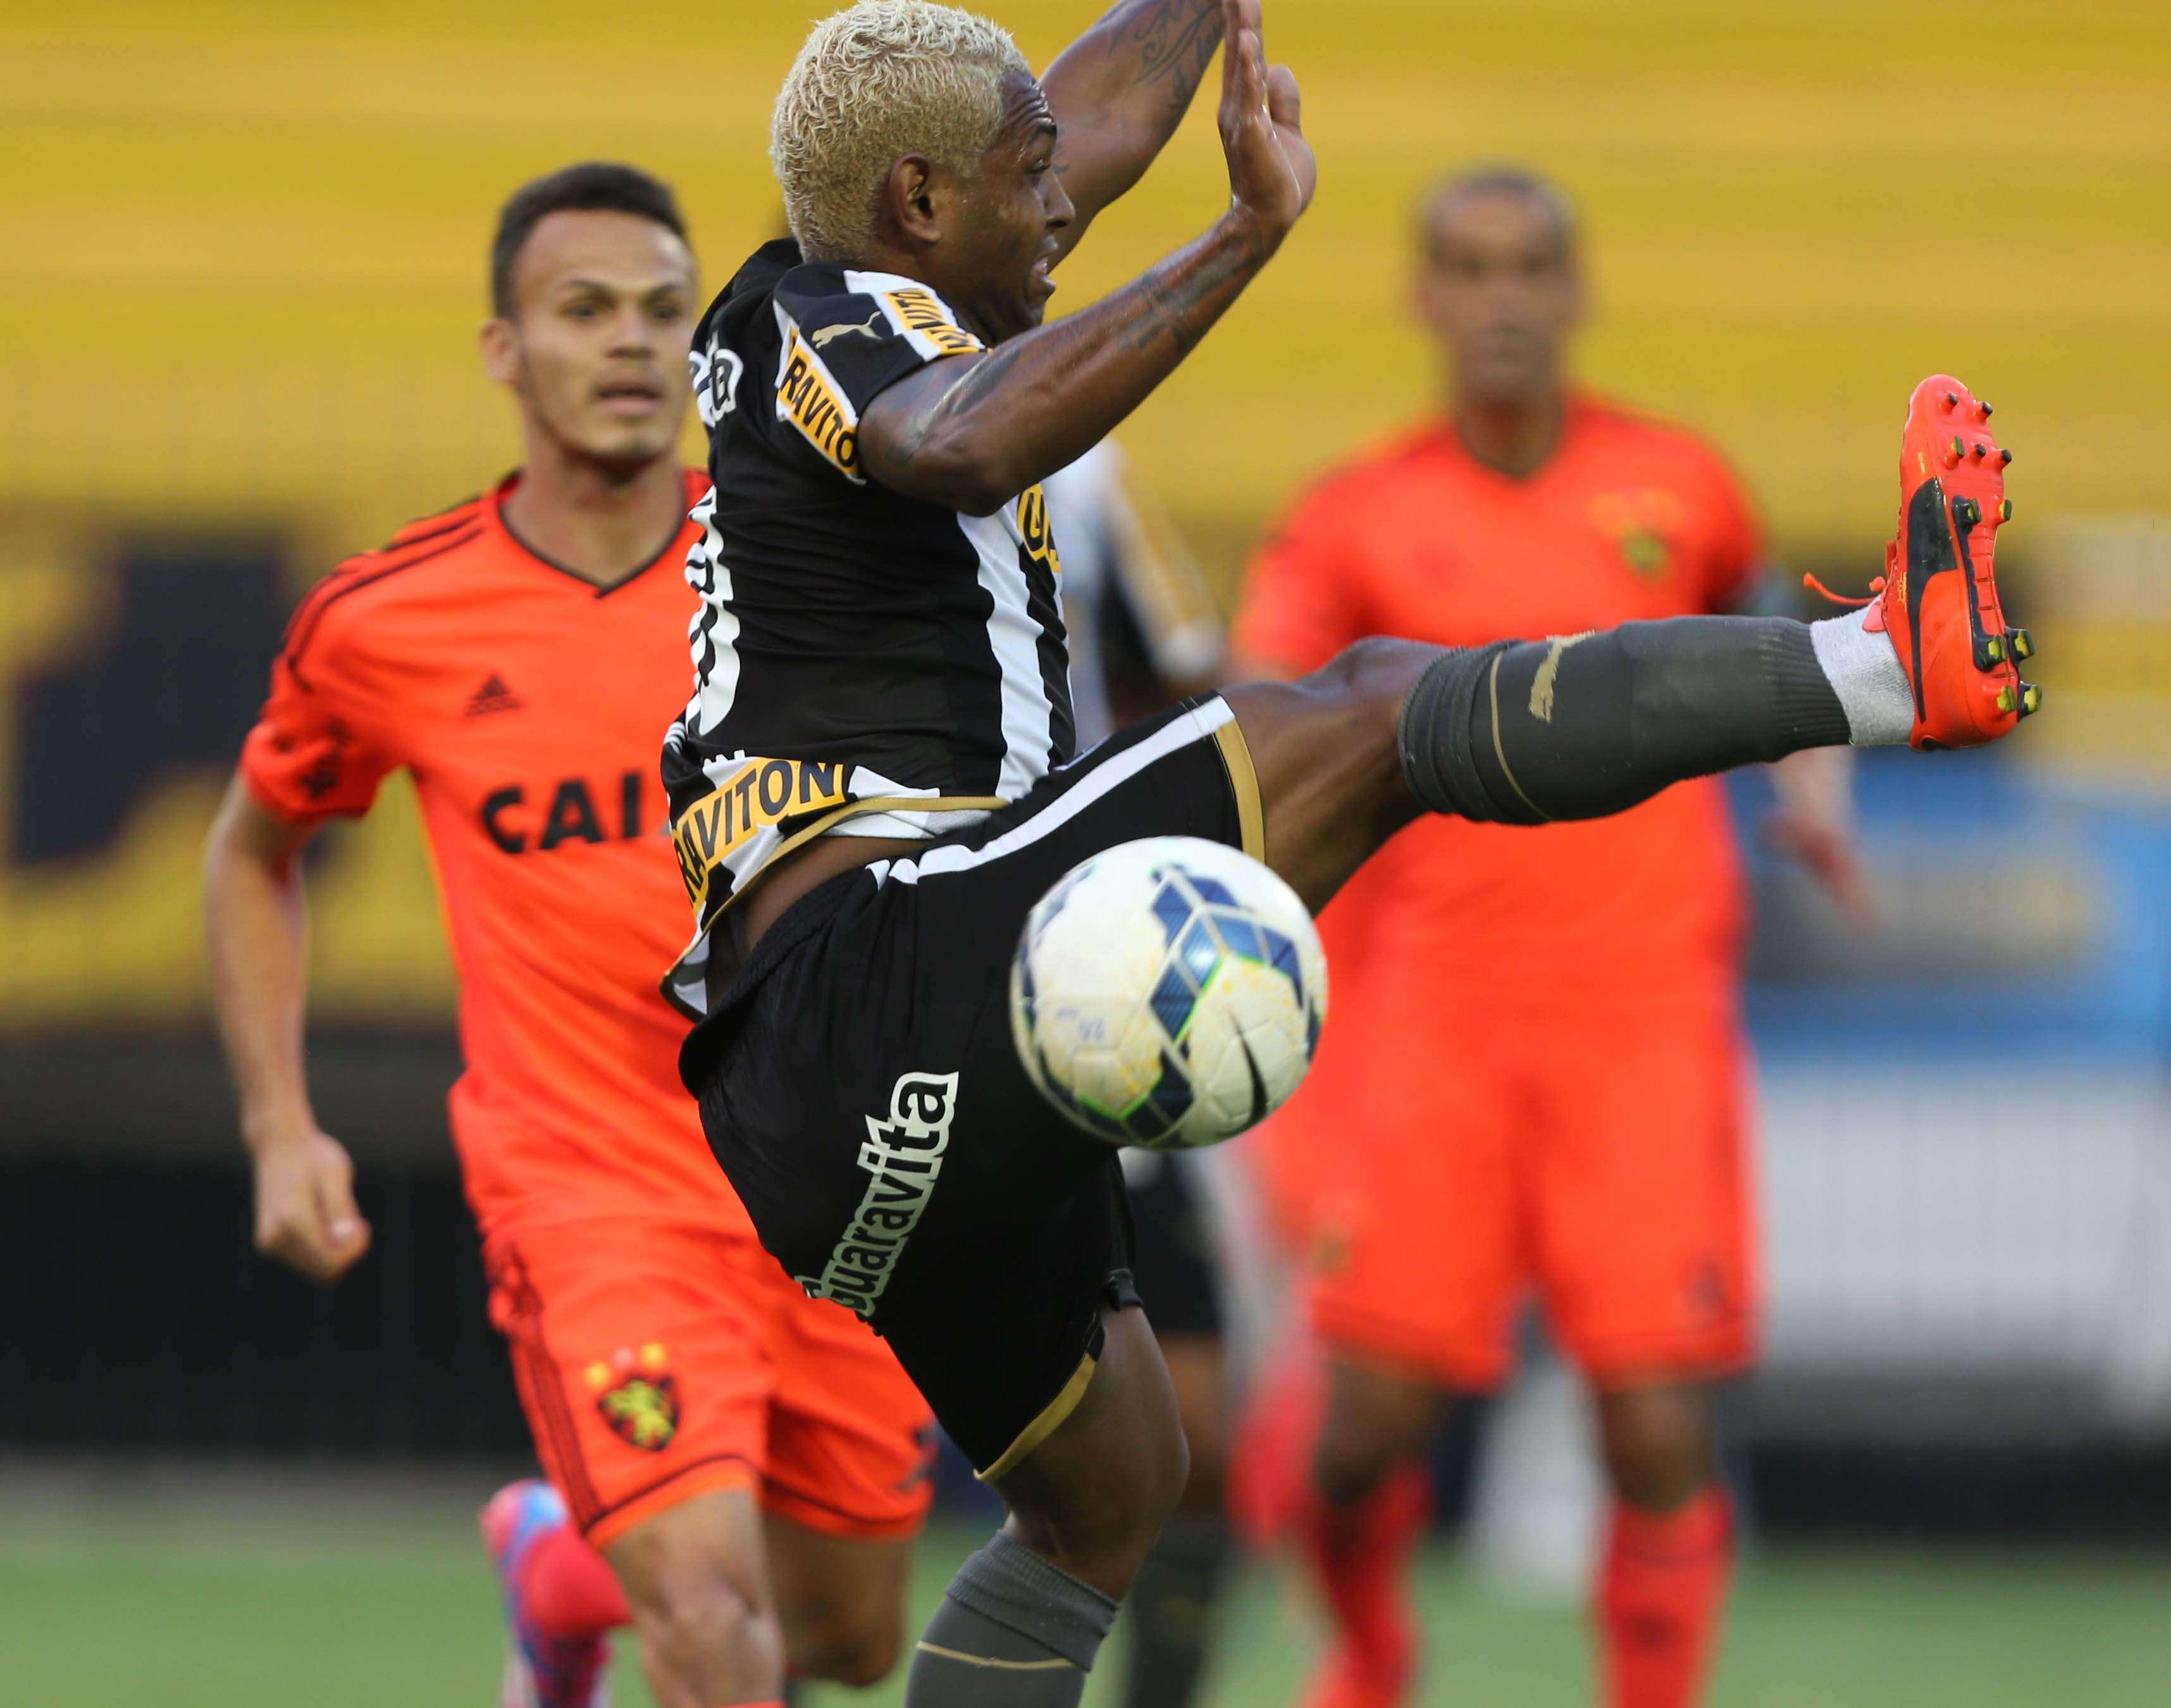 Jóbson voltou a atuar pelo Botafogo neste domingo Foto: Cléber Mendes/Lancepress!